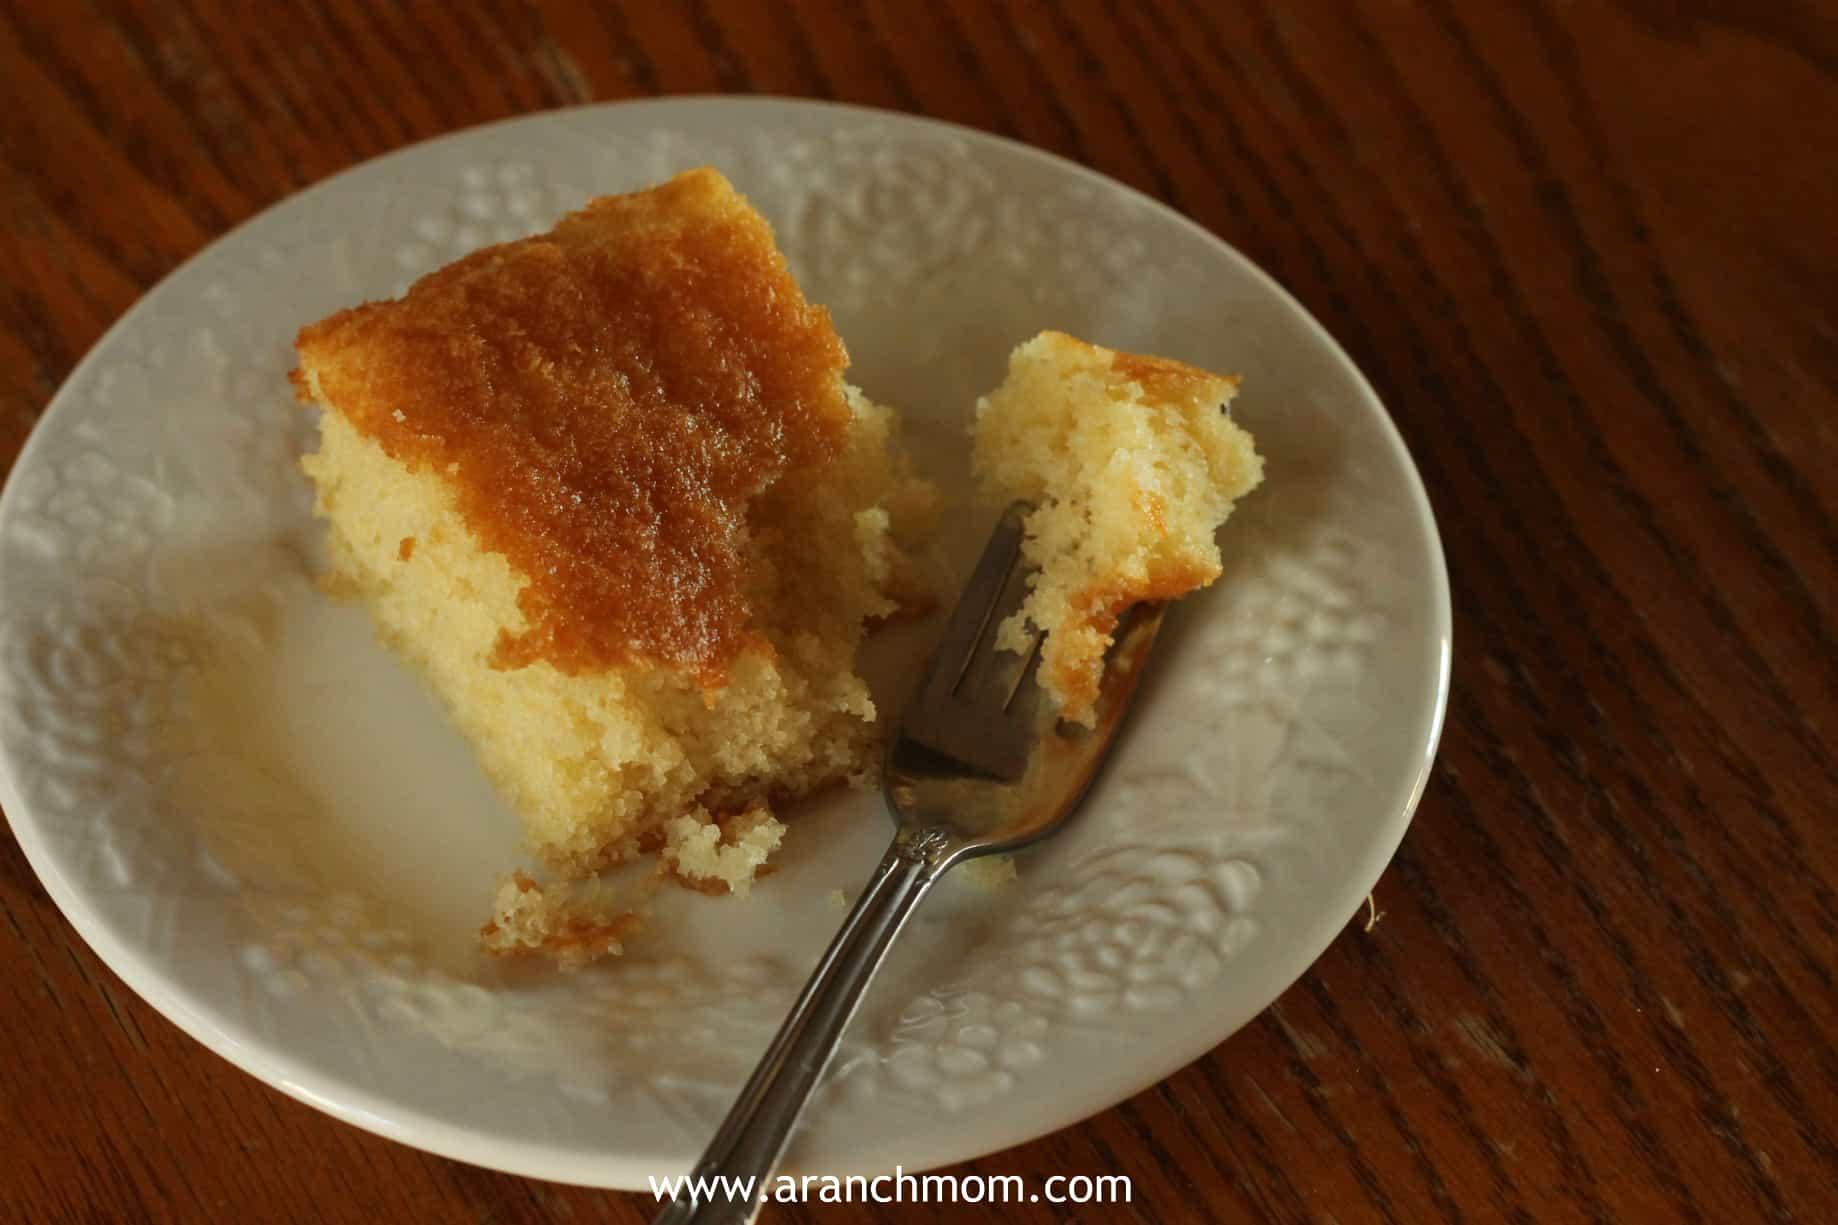 Butter Cake Recipe In Sinhala Download: Yellow Cake Recipe